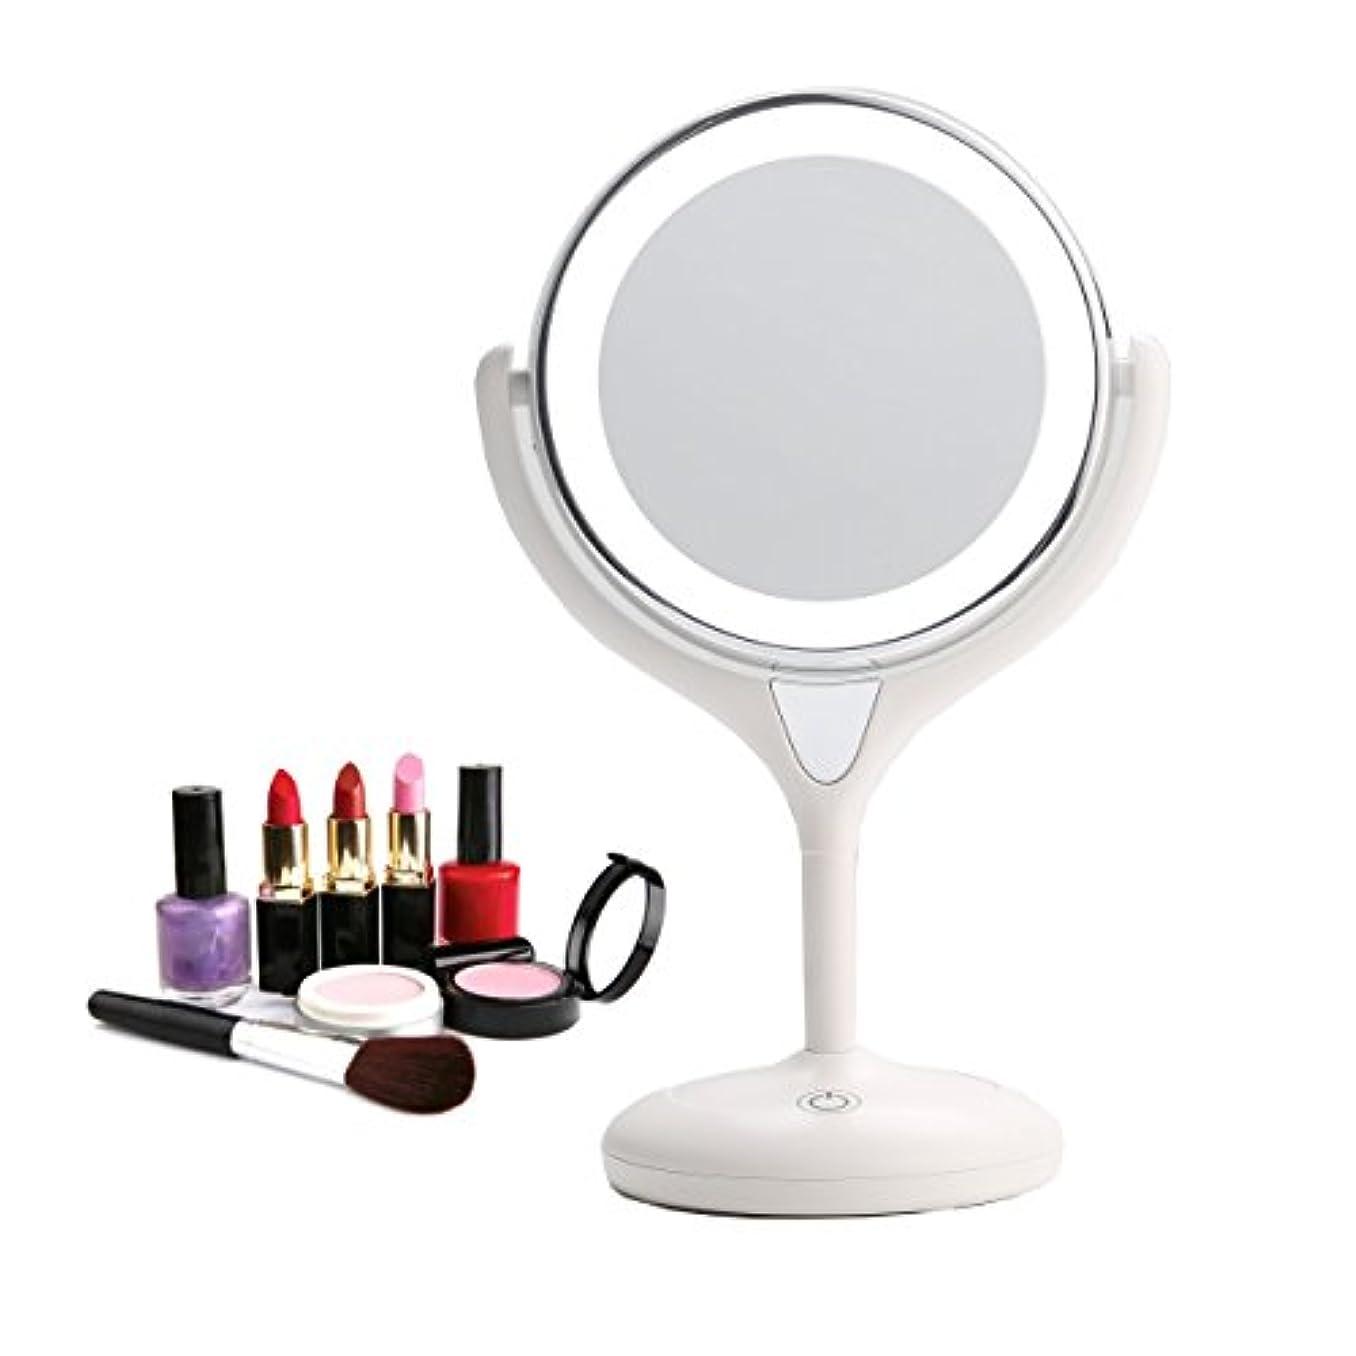 出会いレプリカ目を覚ますBestaid-スタンドミラー シンプルデザイン 真実の両面鏡DX 10倍拡大鏡 360度回転 卓上鏡 メイク 化粧道具 14 * 11.5 * 28.5cm